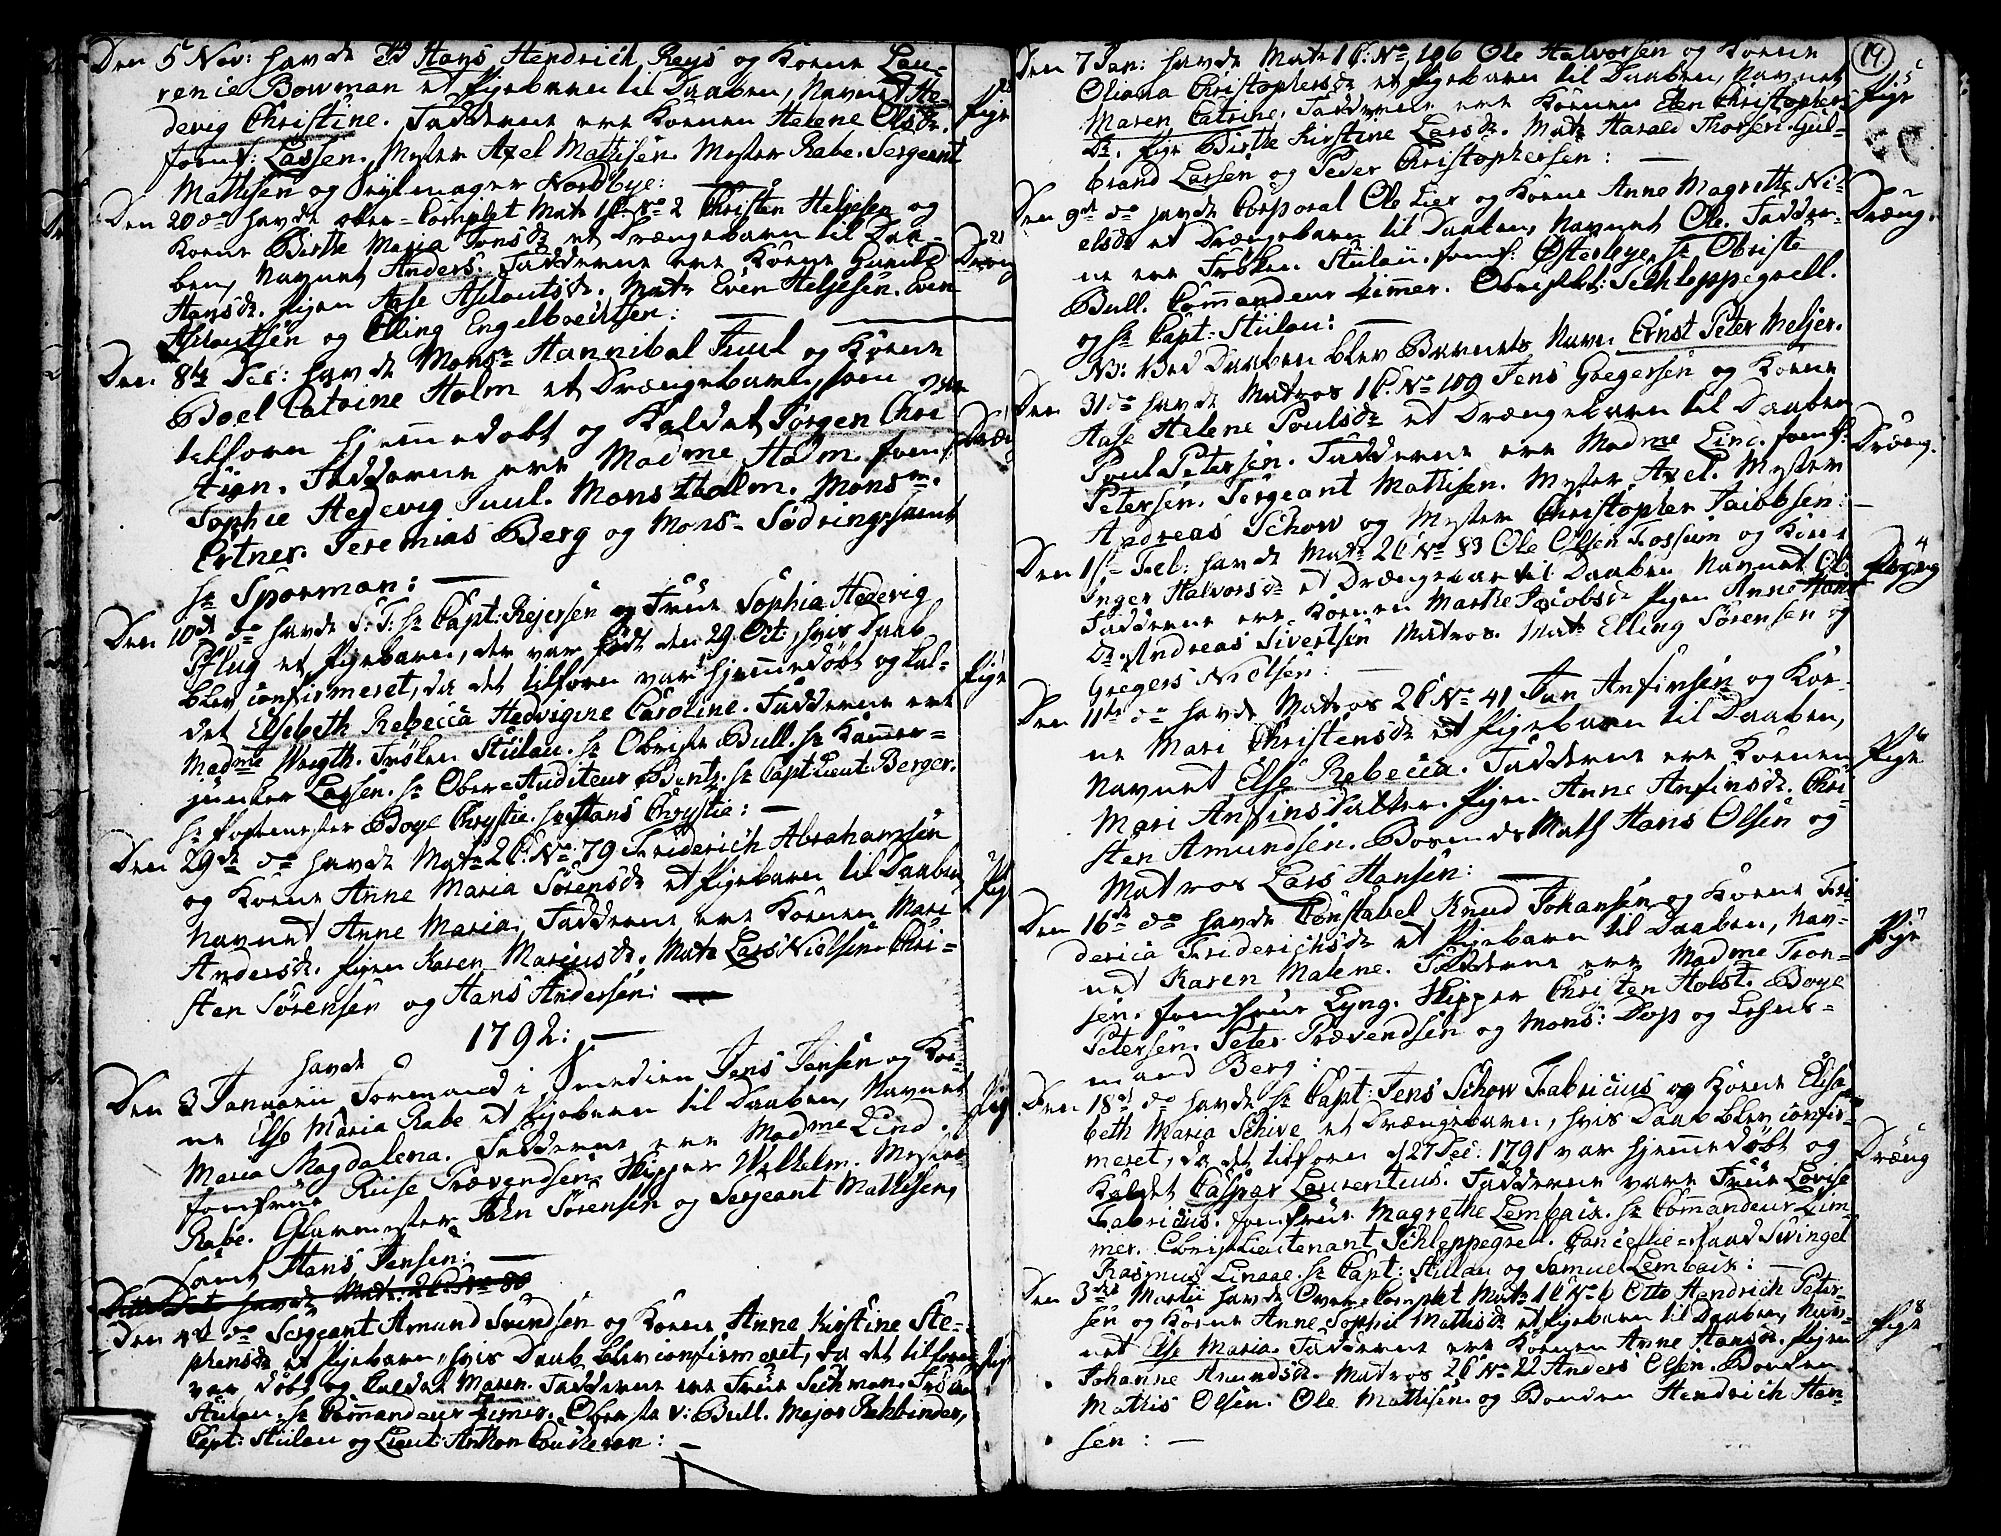 SAKO, Stavern kirkebøker, F/Fa/L0002: Ministerialbok nr. 2, 1783-1809, s. 19